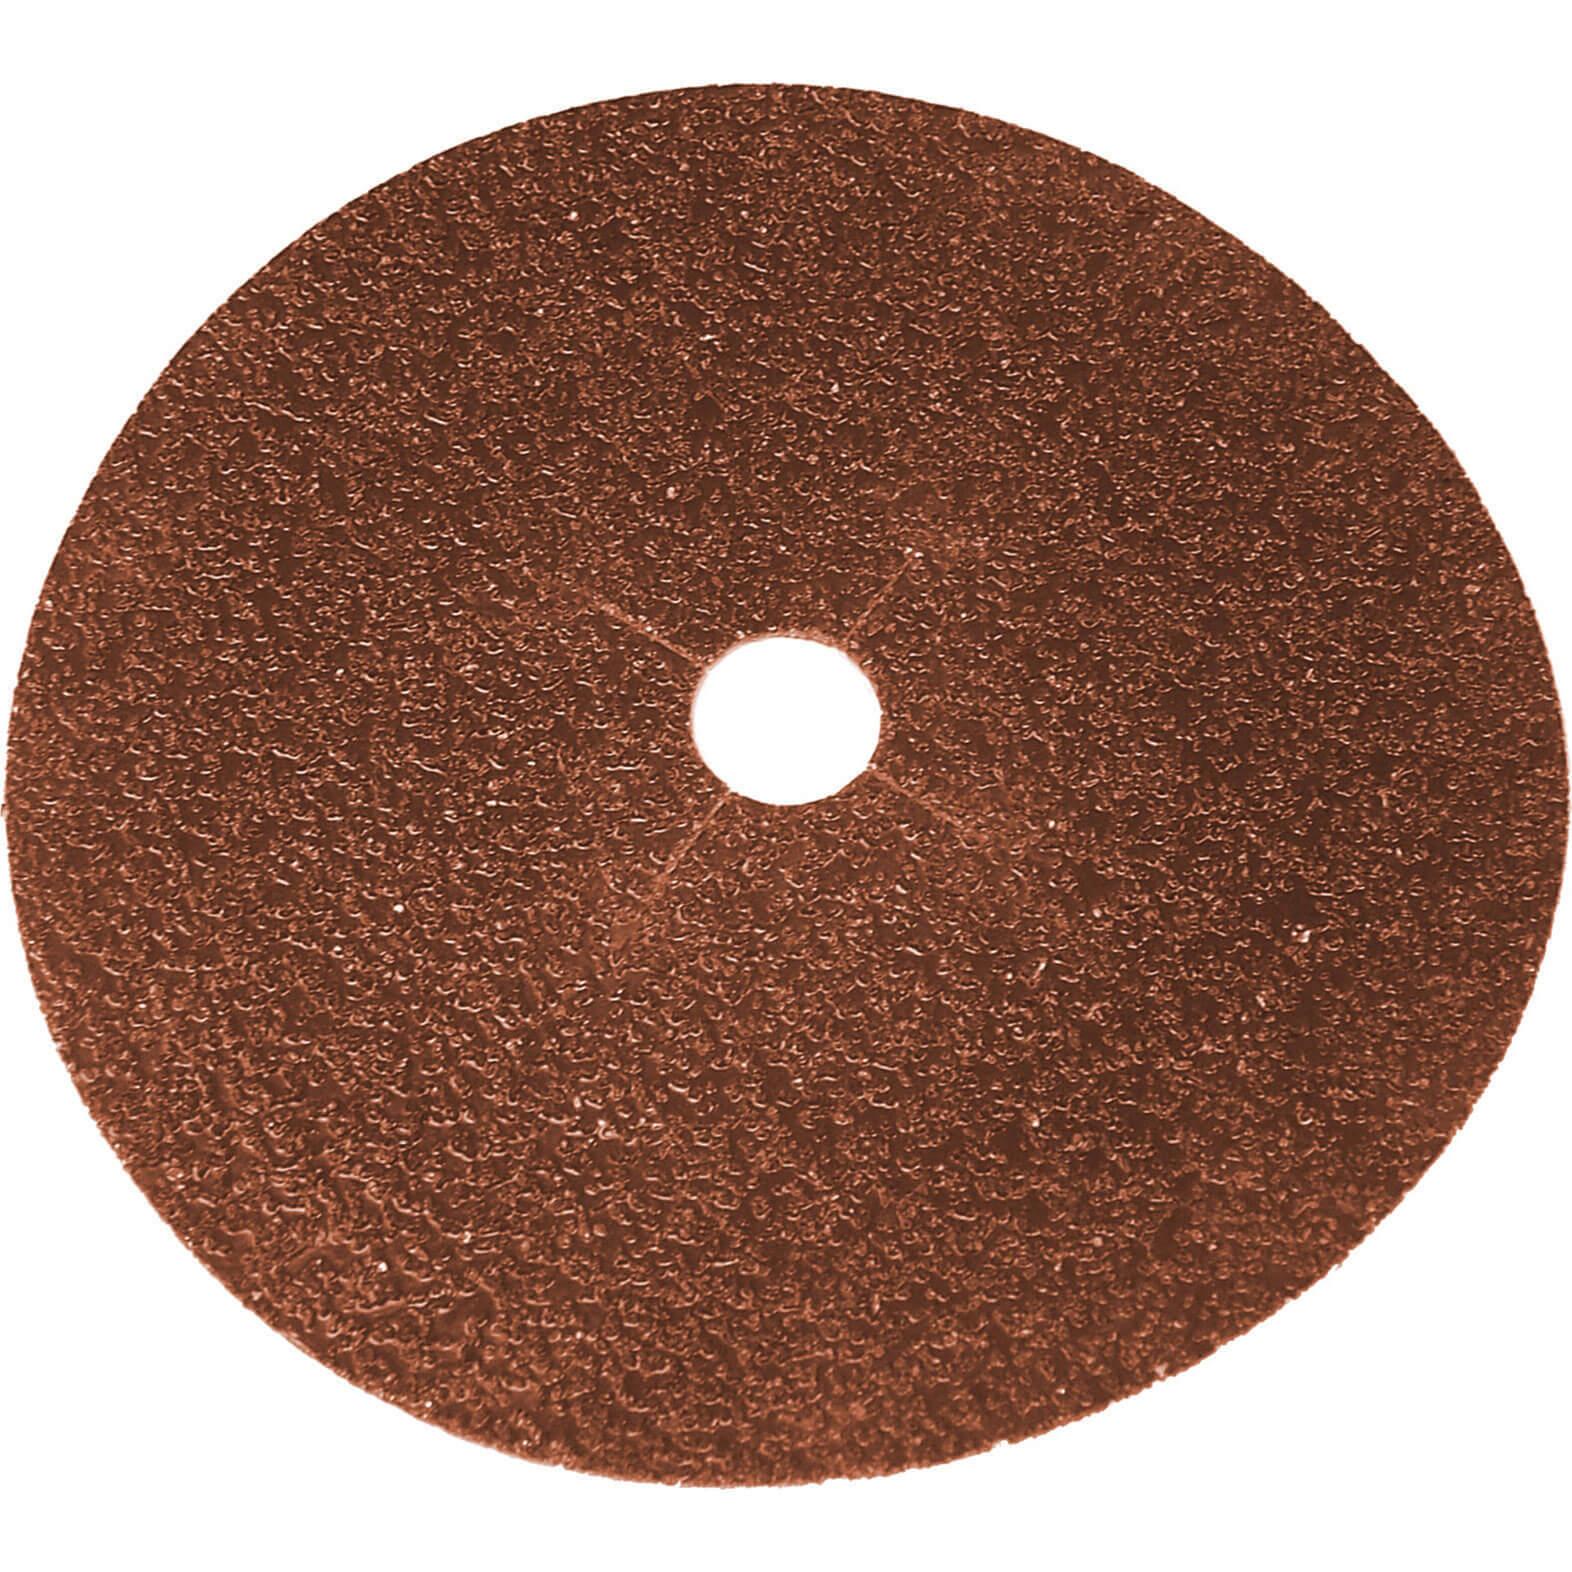 Cashback faithfull floor disc ewt aluminium oxide 17mm x for 17 floor sanding disc